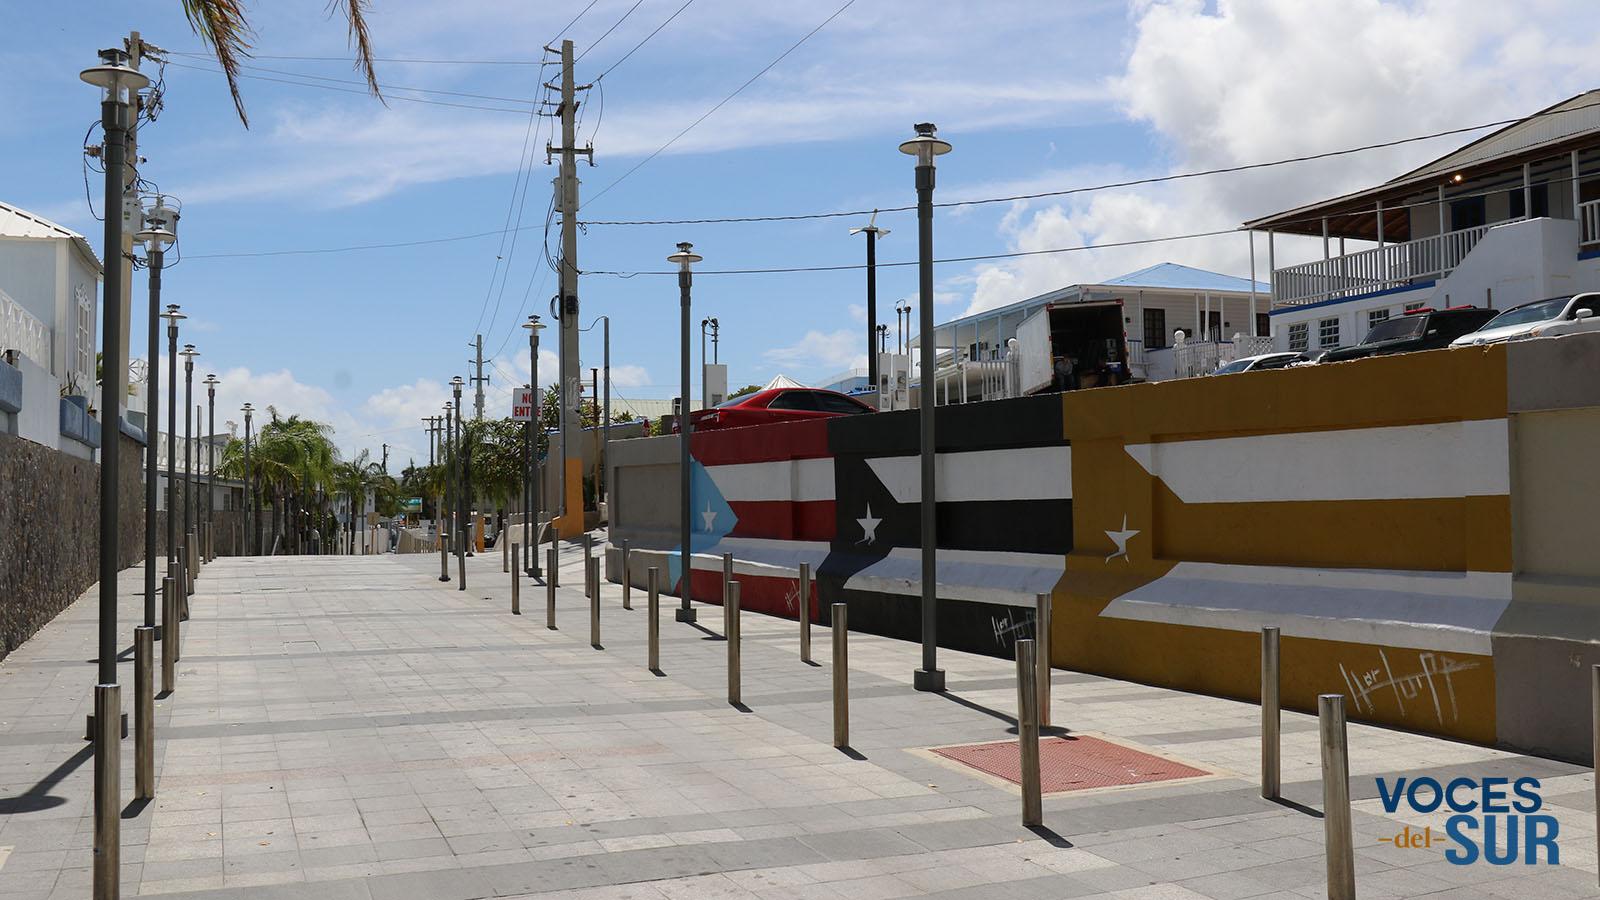 Banderas pintadas por Héctor PR para el proyecto 78 pueblos, una bandera en la carretera 304 en La Parguera. (Voces del Sur)